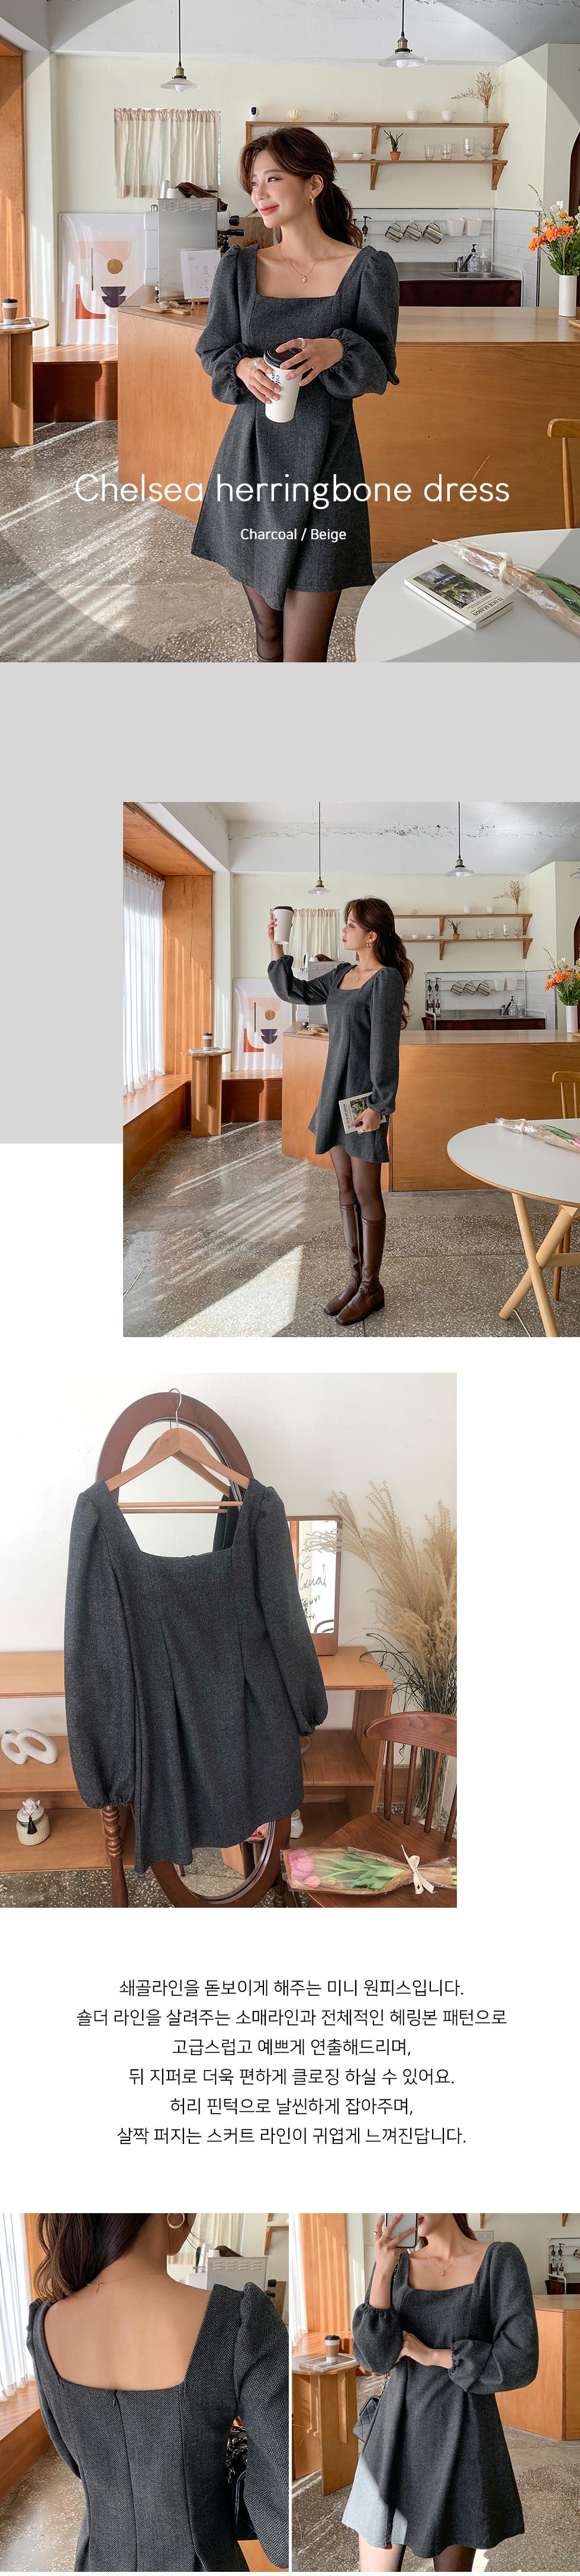 Chelsea herringbone Dress